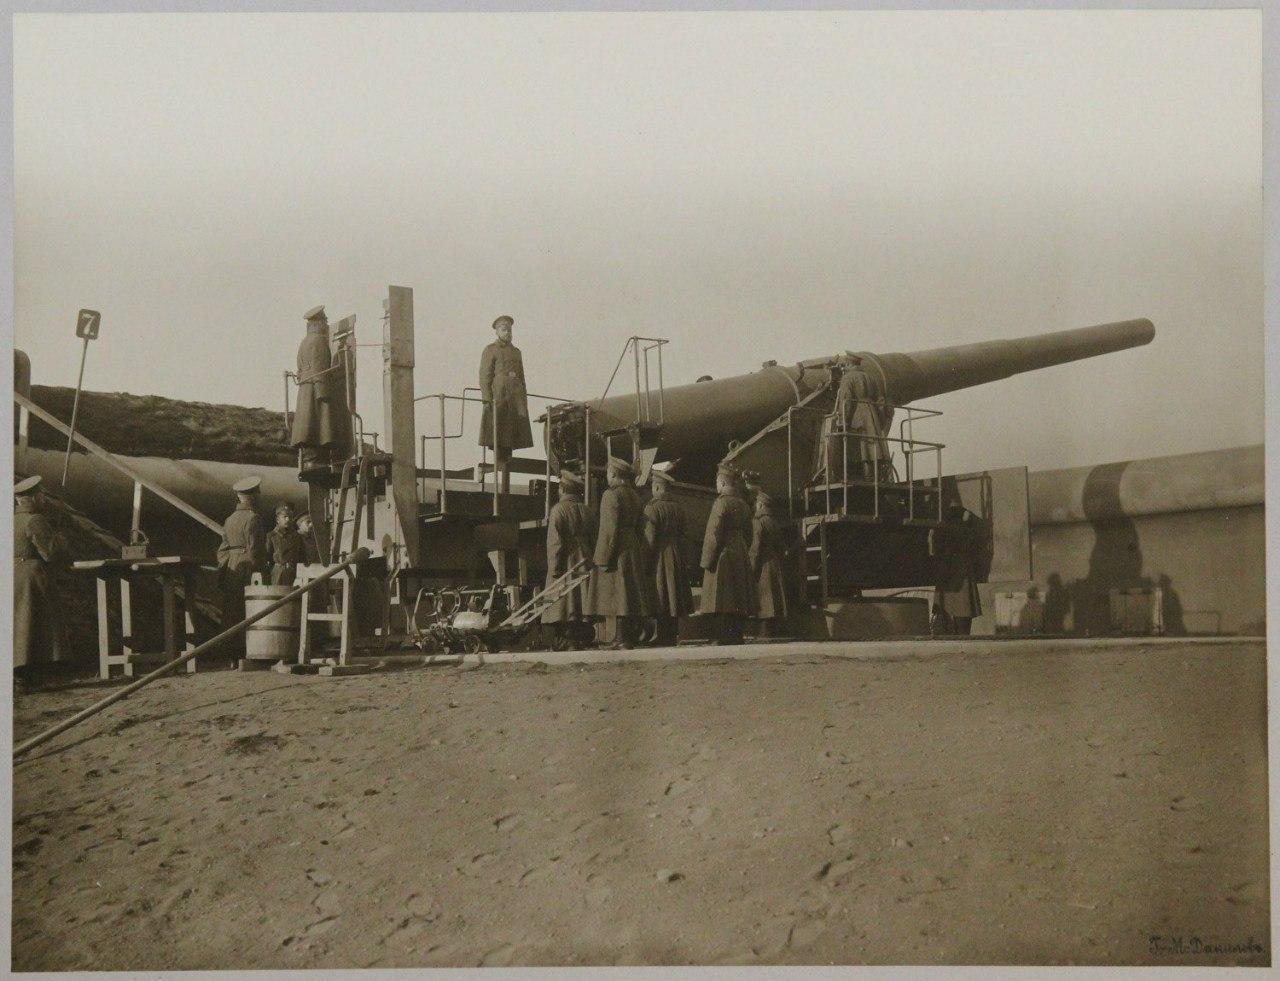 Одно из восьми 10-дюймовых орудий Бринка, входящих в батарею